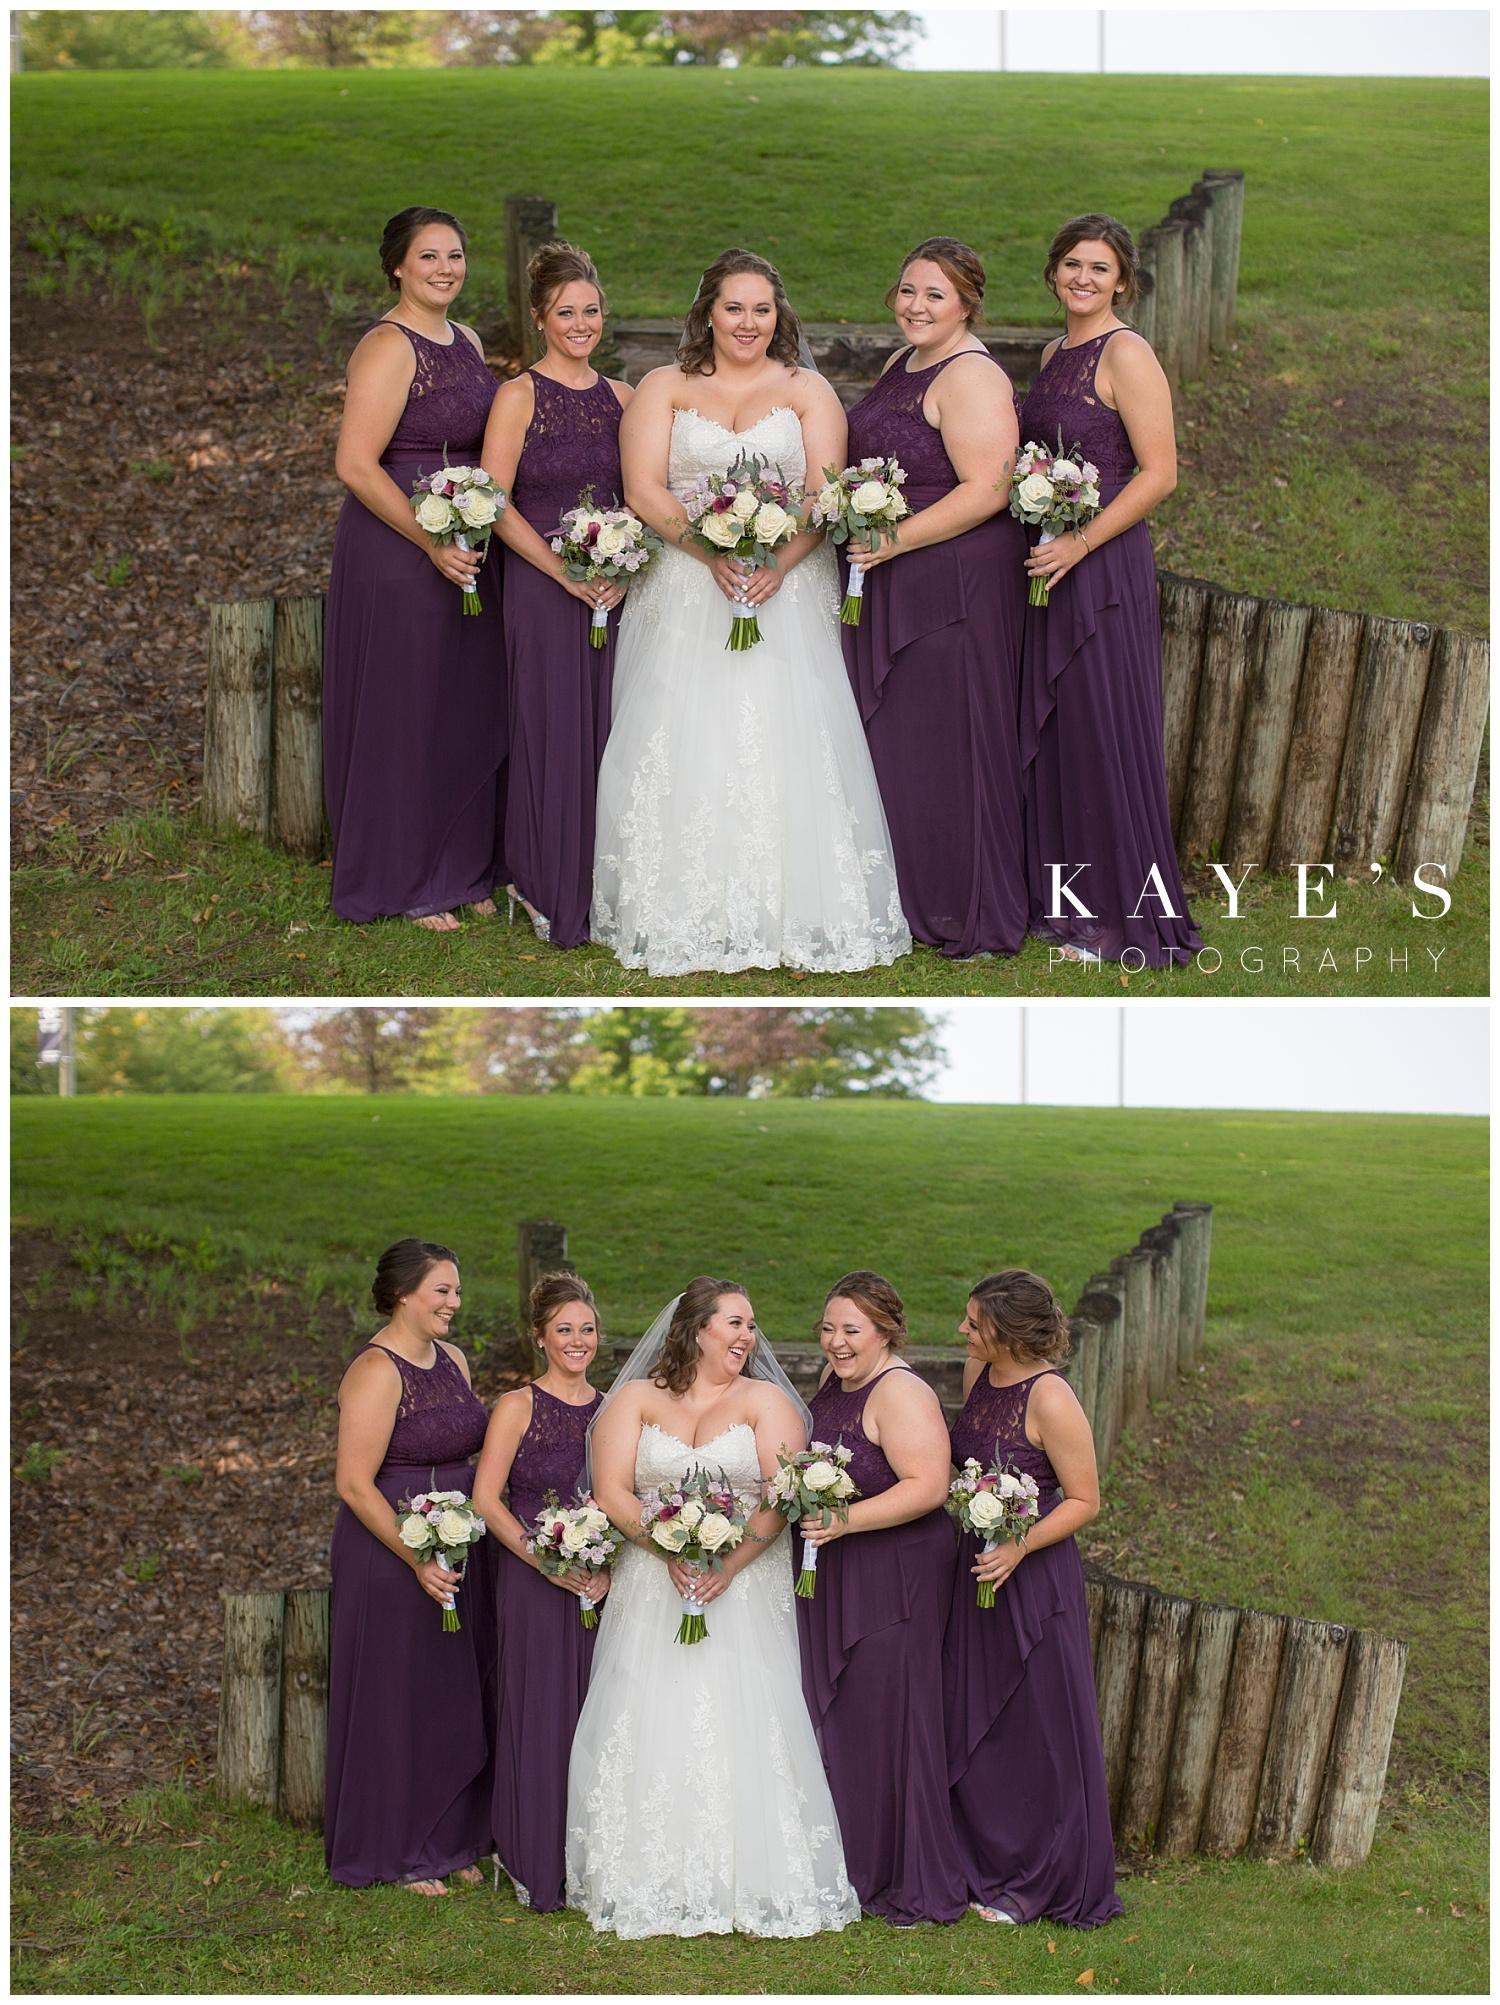 bride with bridesmaids before wedding in michigan wedding